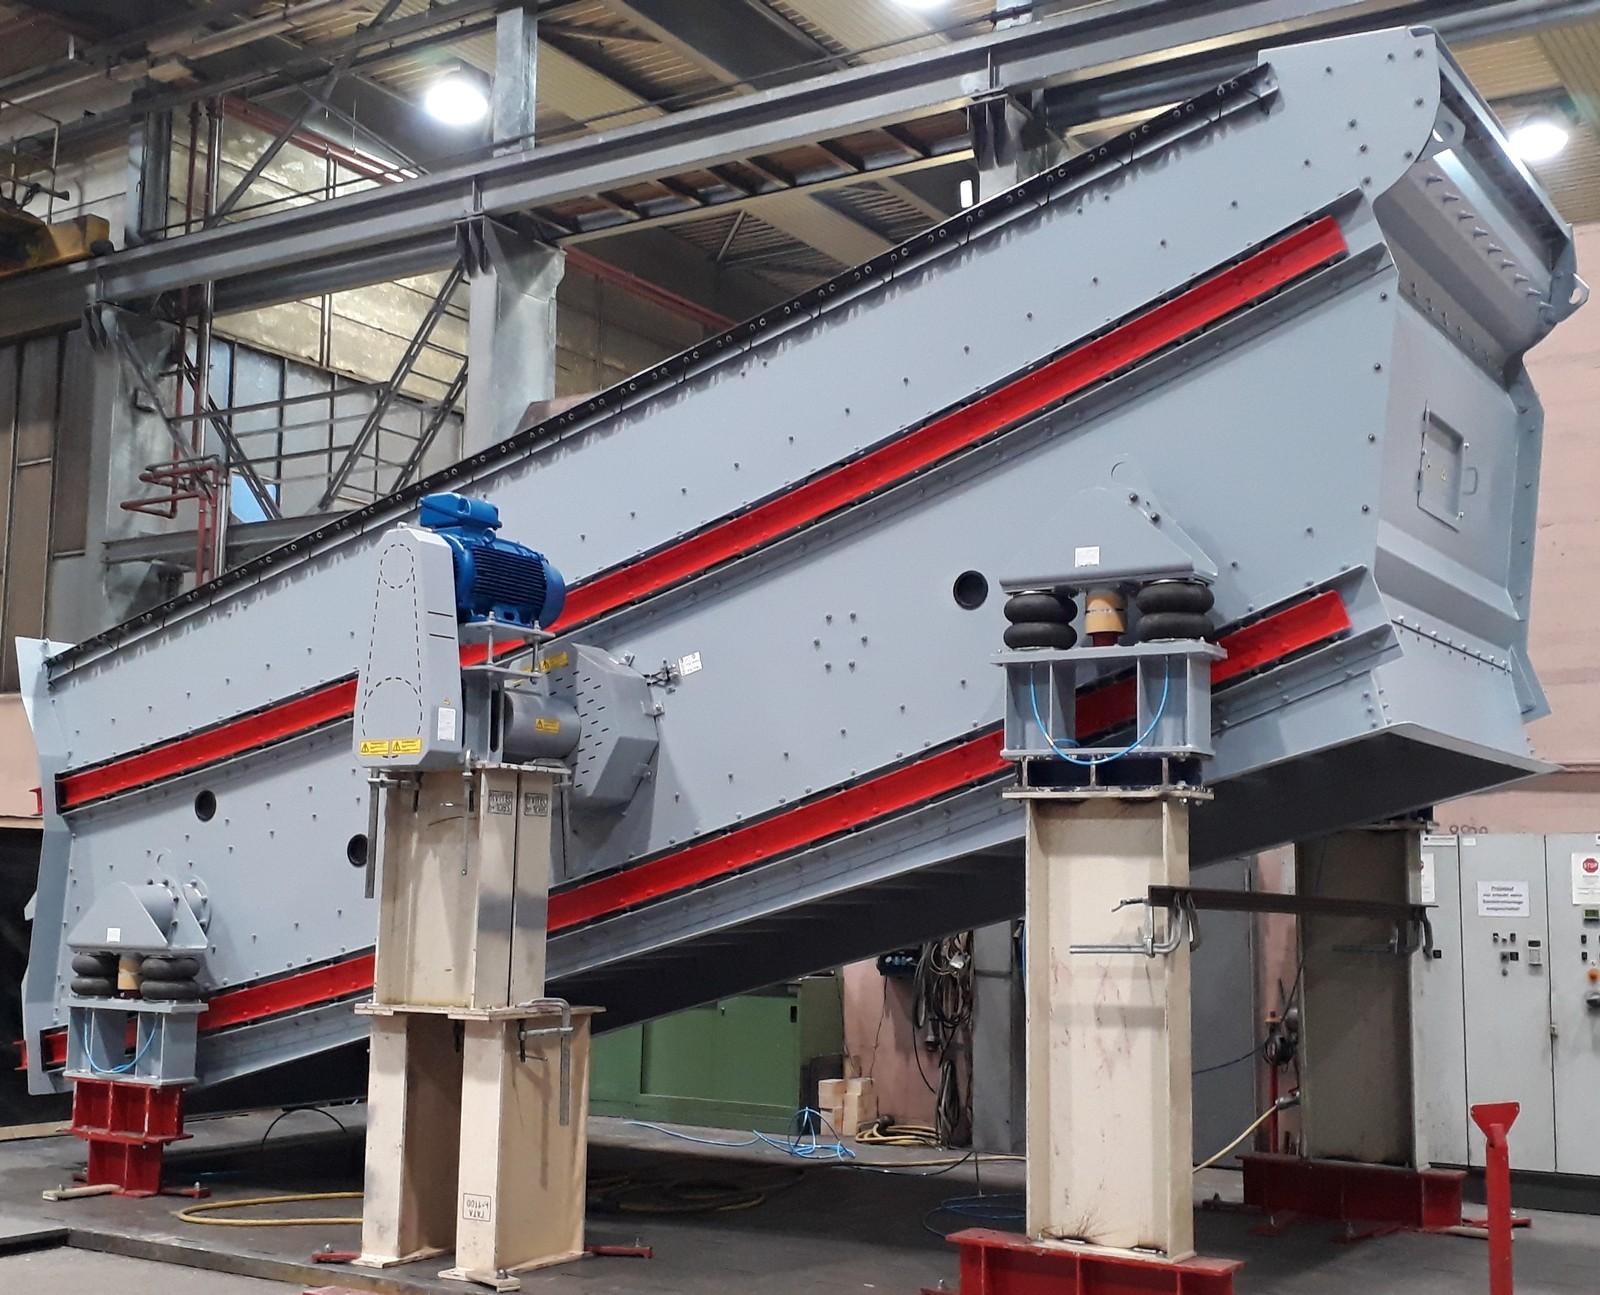 Prototyp der Bivitec-Spannwellensiebmaschine in der Konstruktionshalle von Binder+Co.